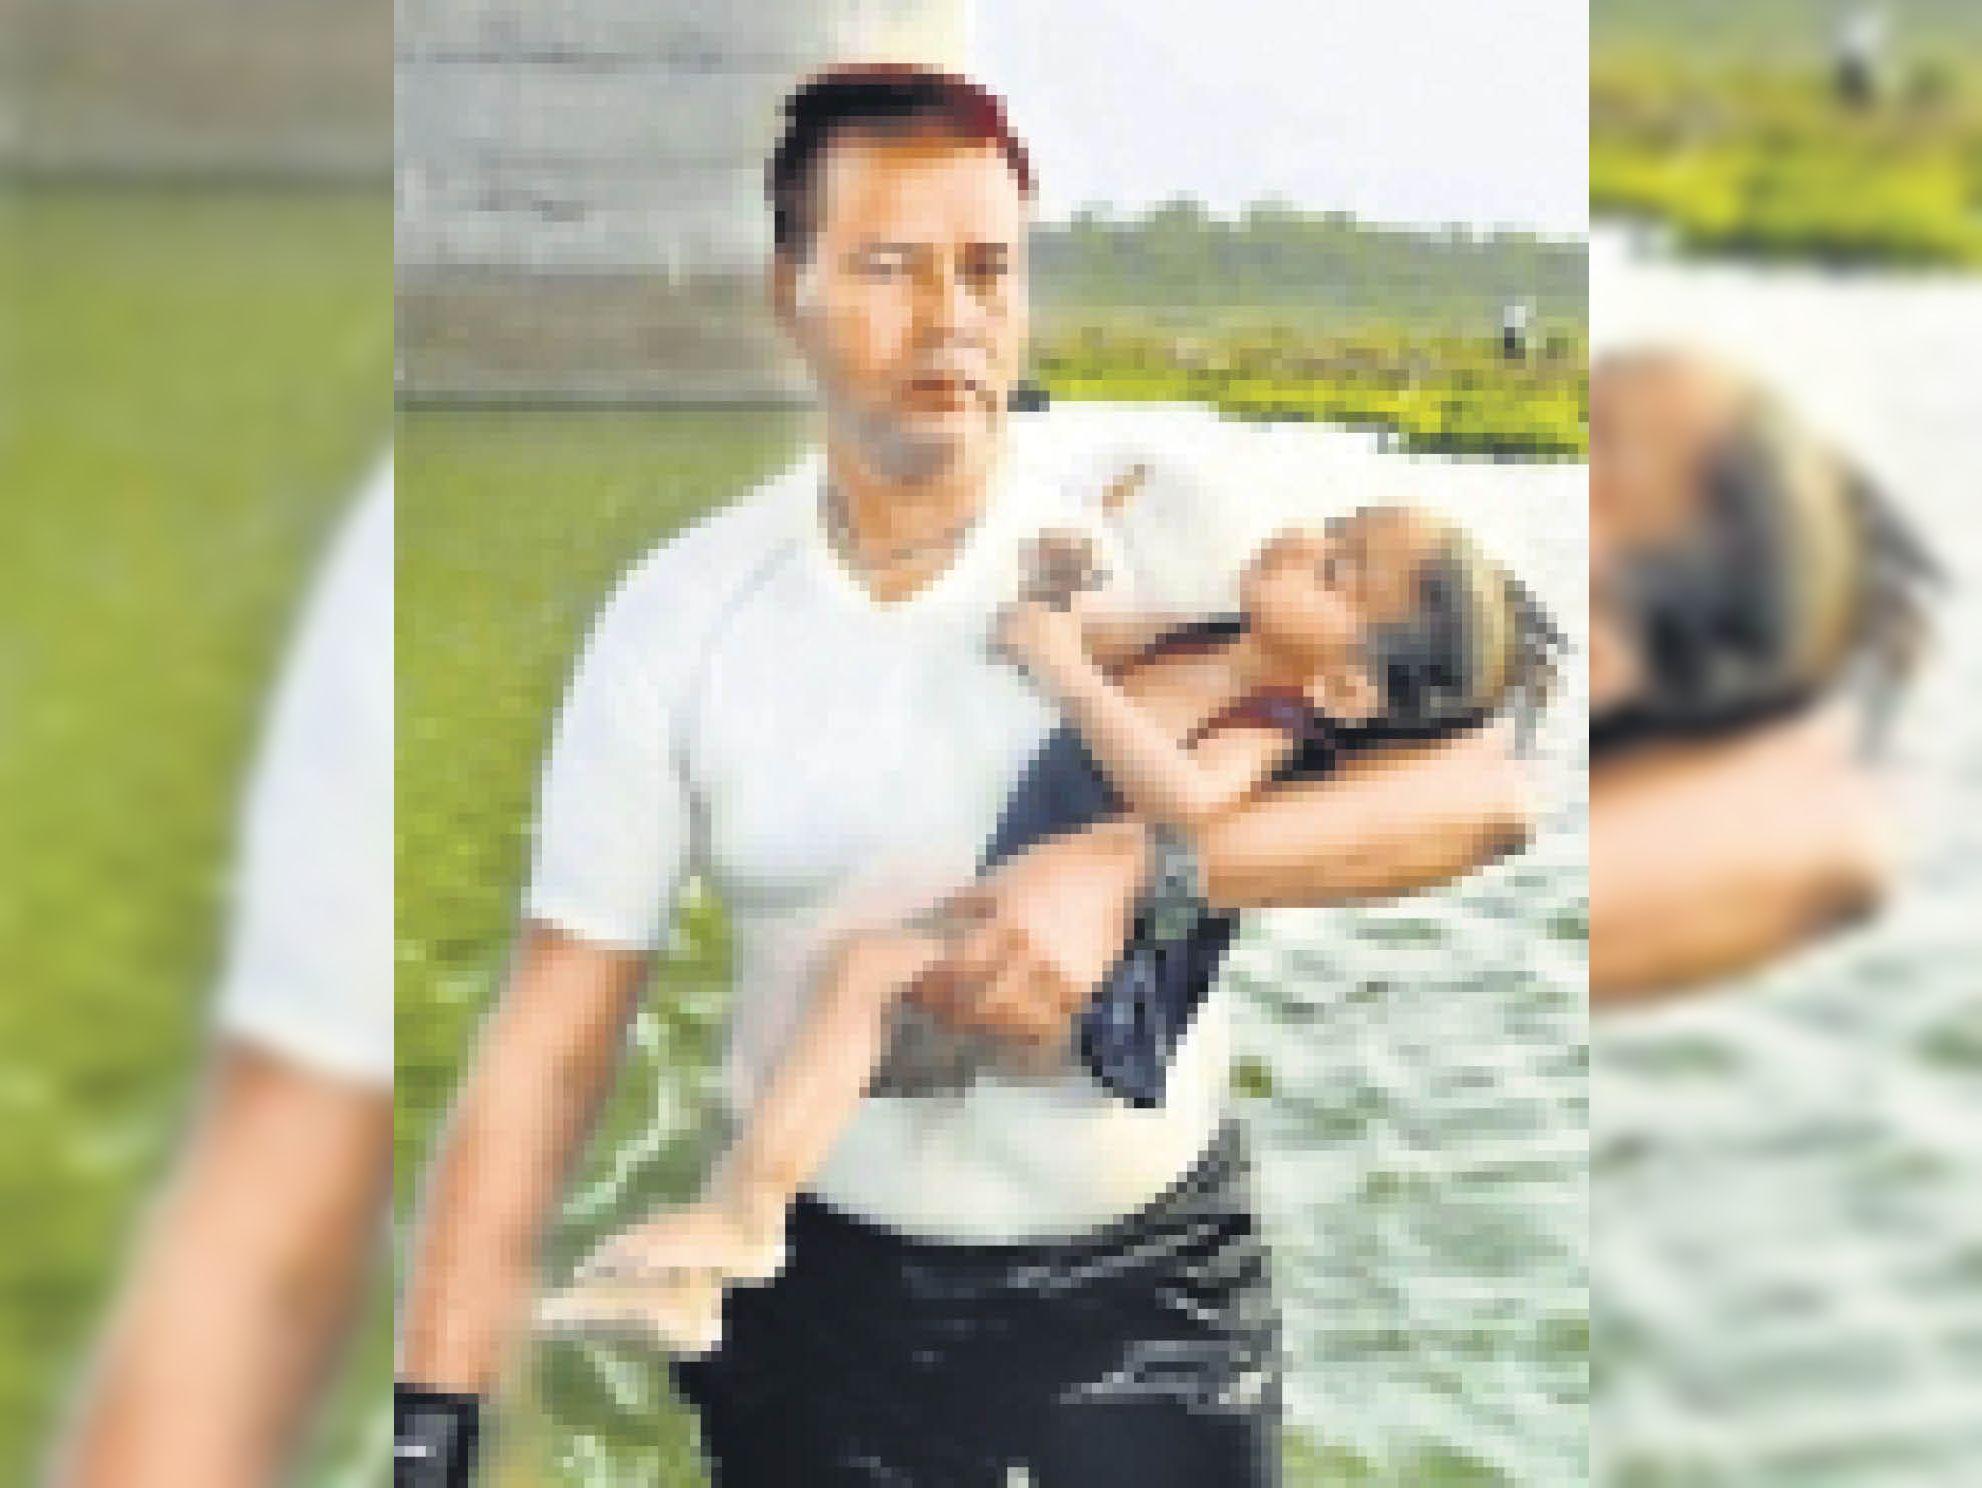 2 साल की मासूम को चंबल में फेककर मार डाला था कलयुगी पिता ने।